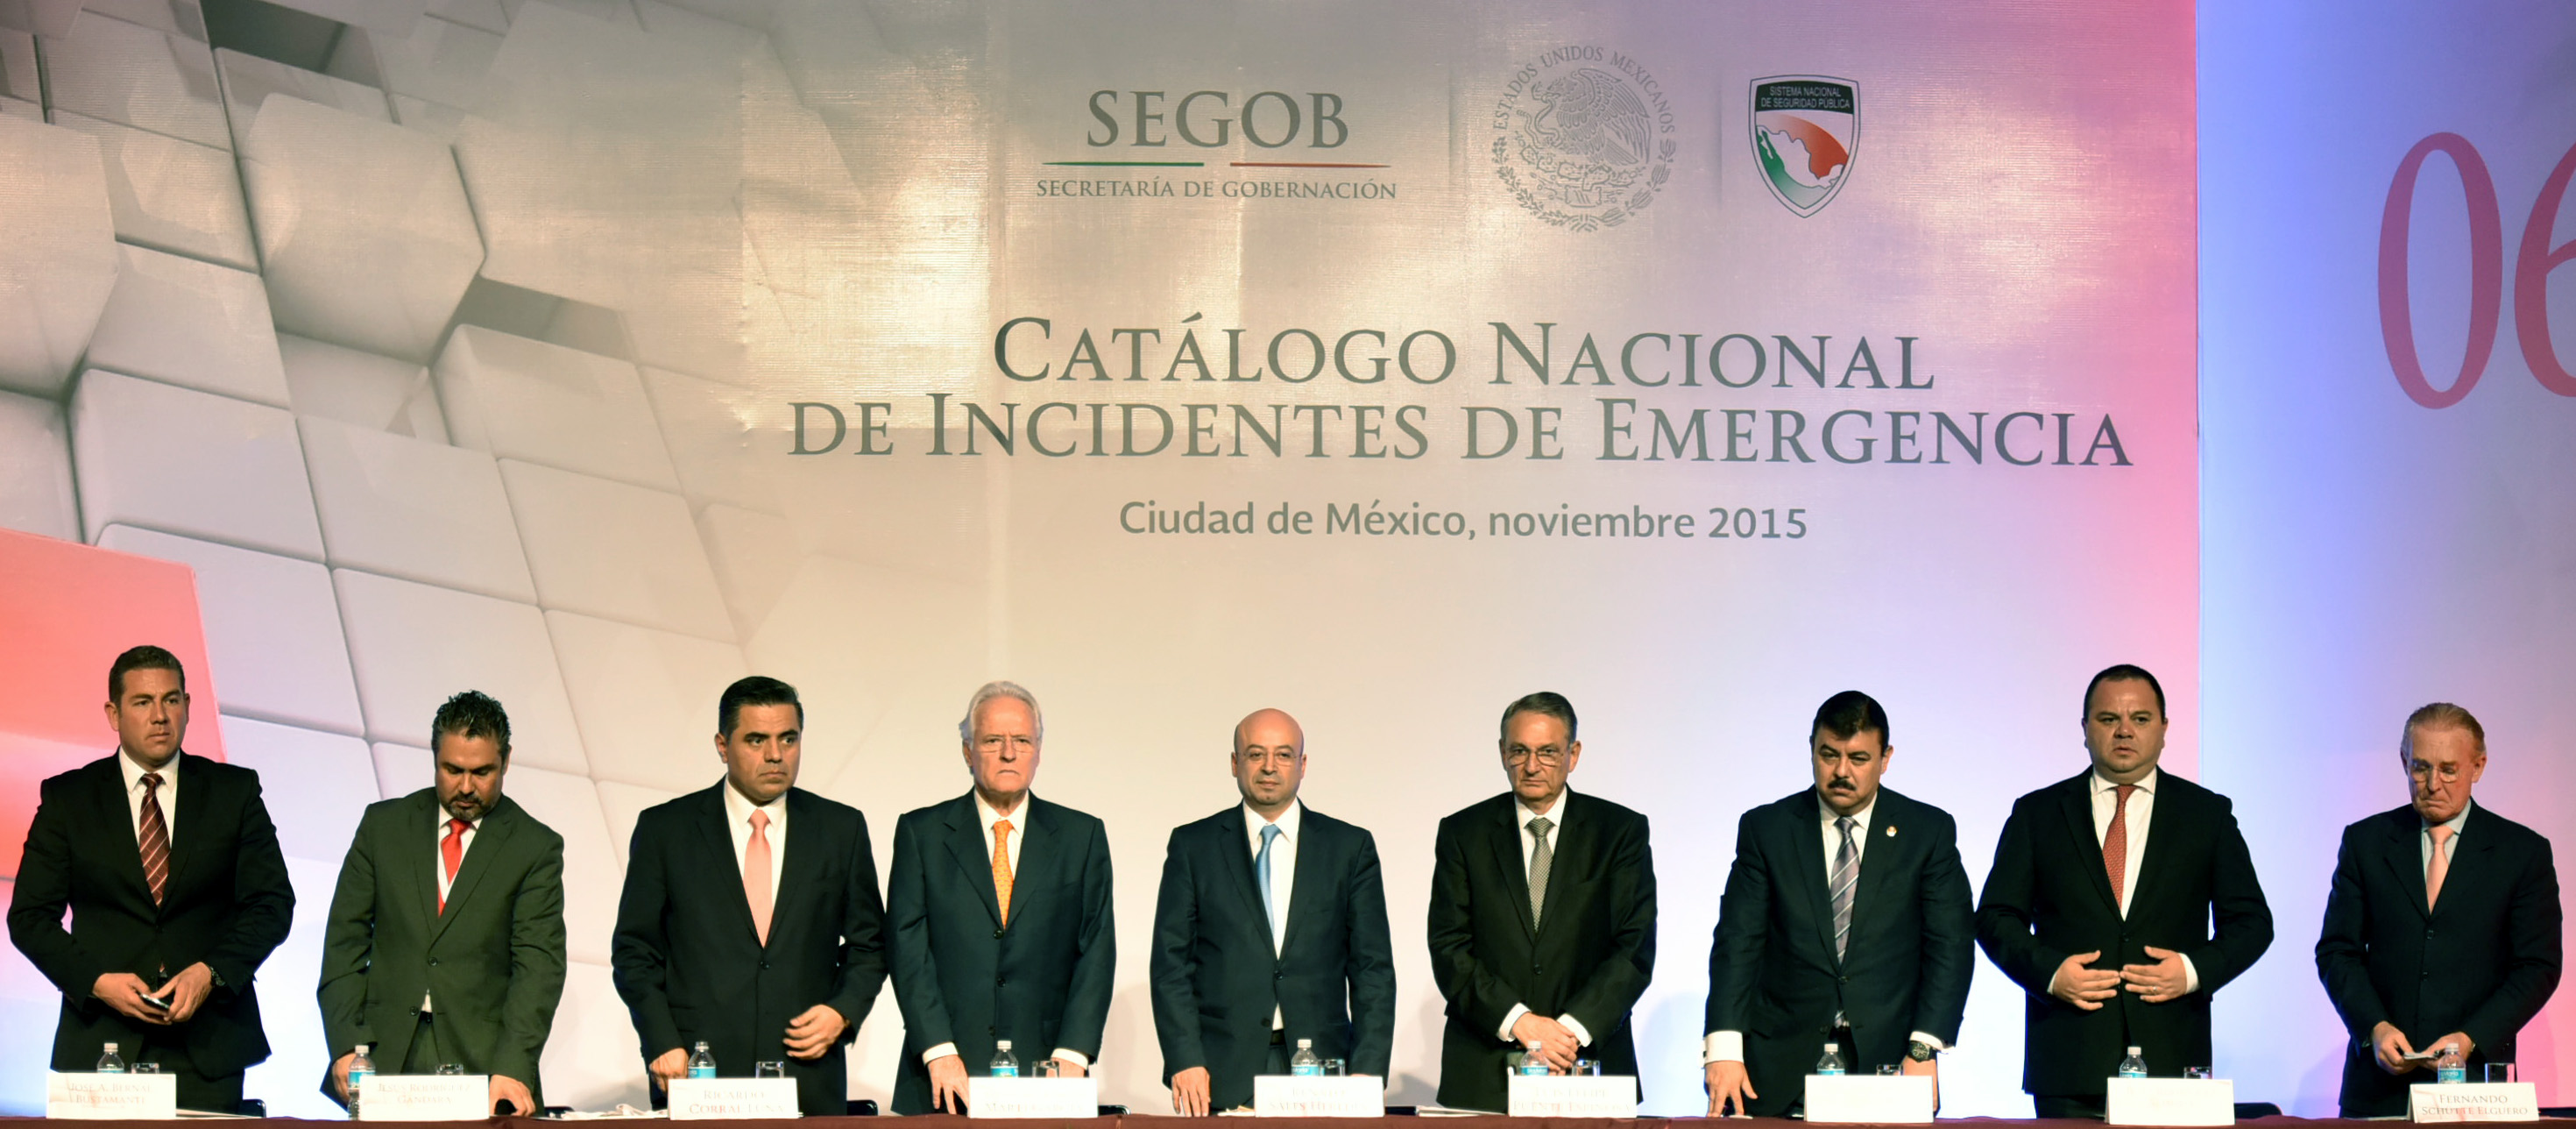 El Comisionado Nacional de Seguridad, Renato Sales Heredia, durante la presentación del Catálogo de Incidentes de Emergencia